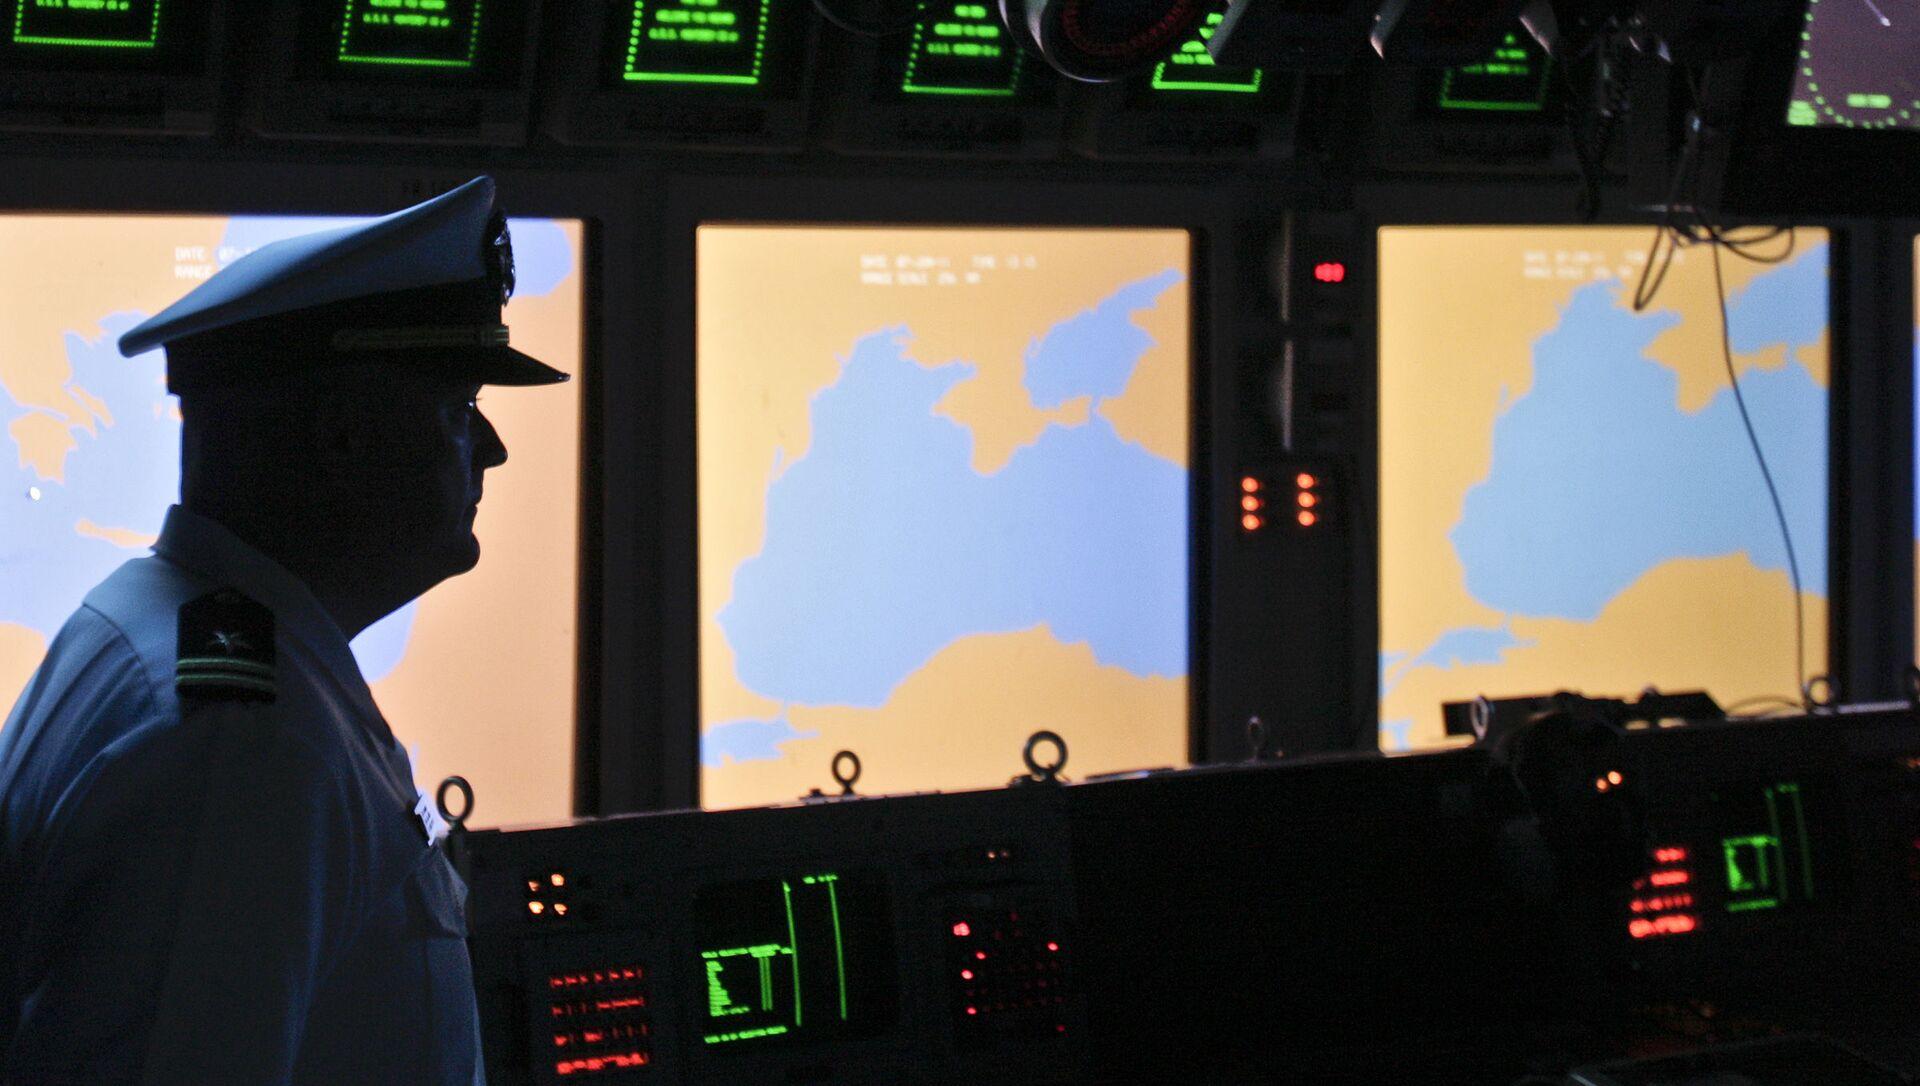 Пульт управления американского ракетного крейсера USS Monterey в порту румынского города Констанца на Черном море - Sputnik Việt Nam, 1920, 06.04.2021